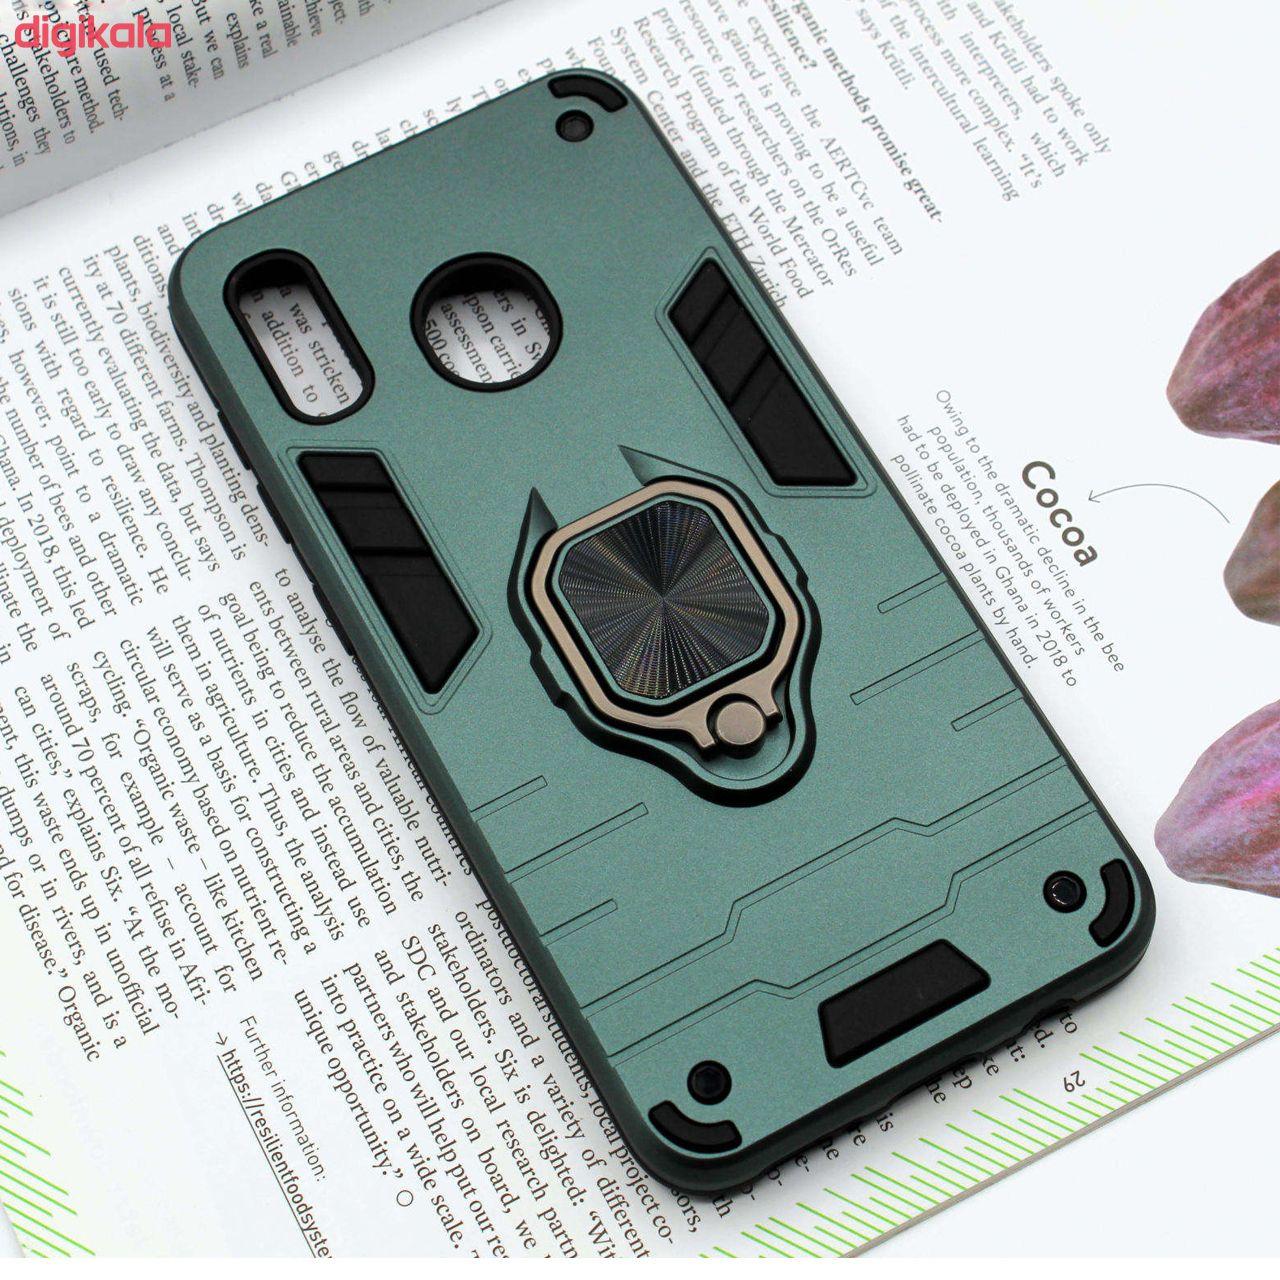 کاور کینگ پاور مدل ASH22 مناسب برای گوشی موبایل هوآوی Y6 Prime 2019 / Y6S / آنر 8A main 1 12